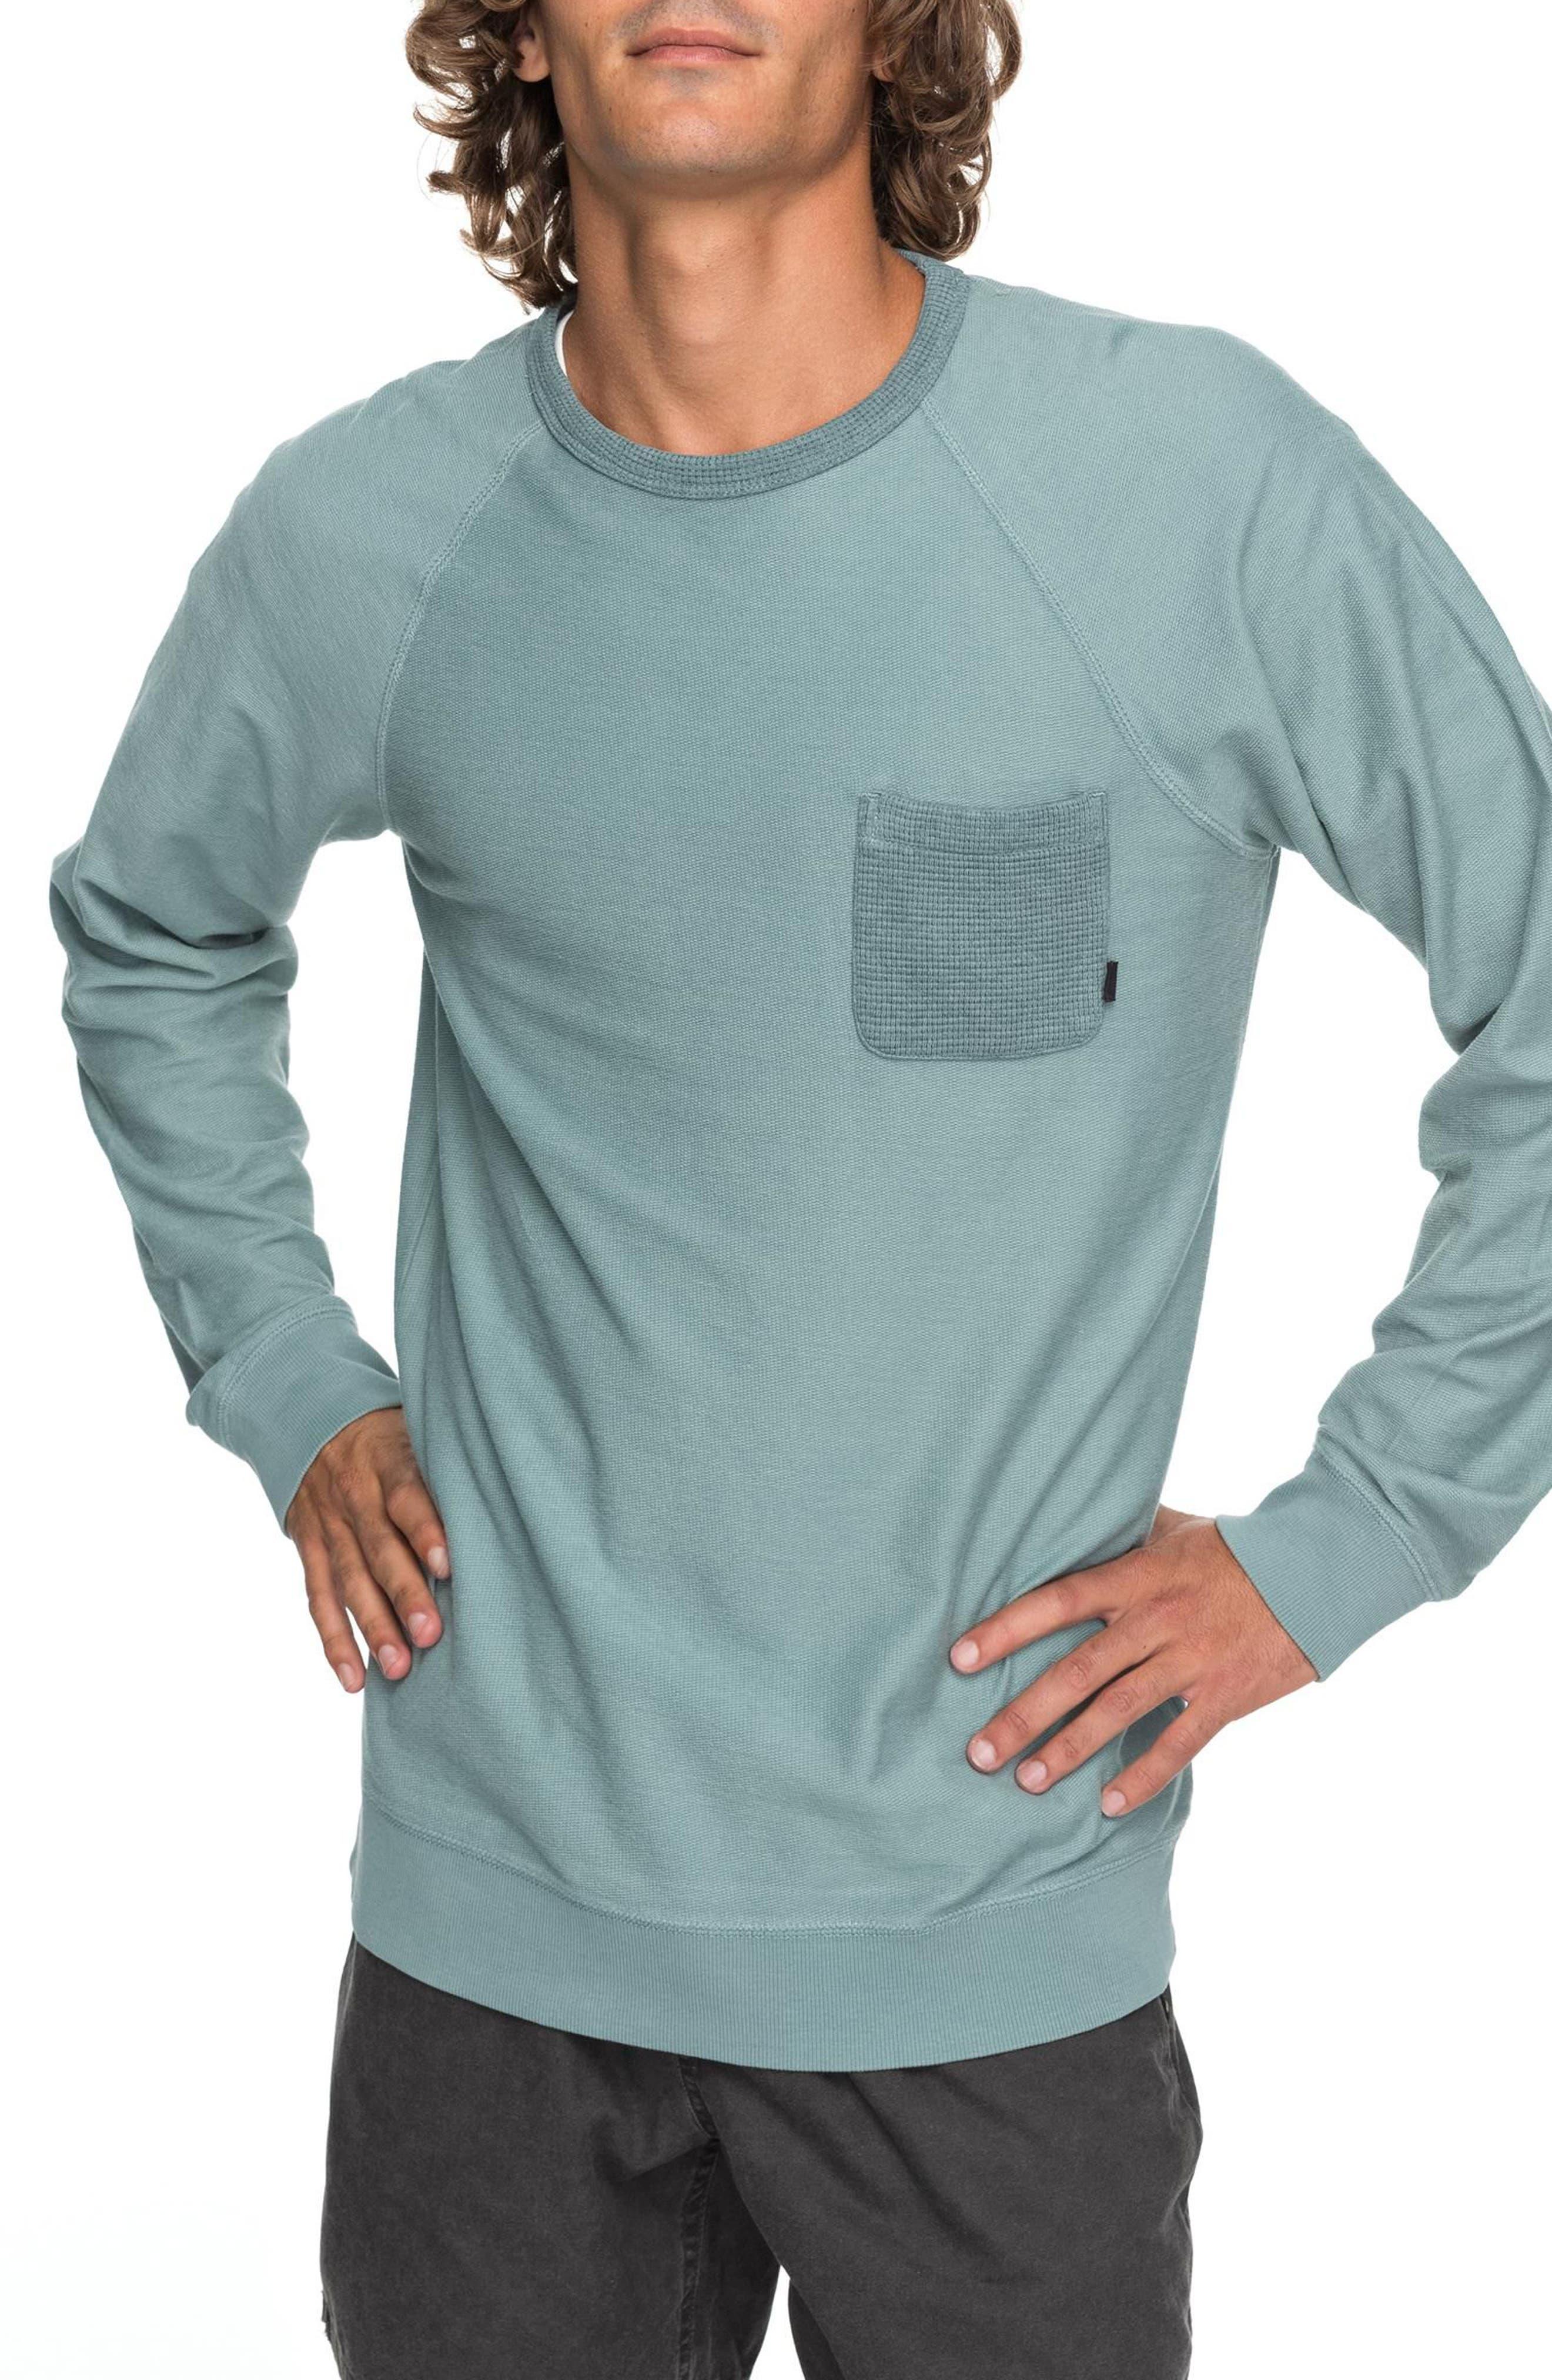 Baao Sweatshirt,                         Main,                         color,